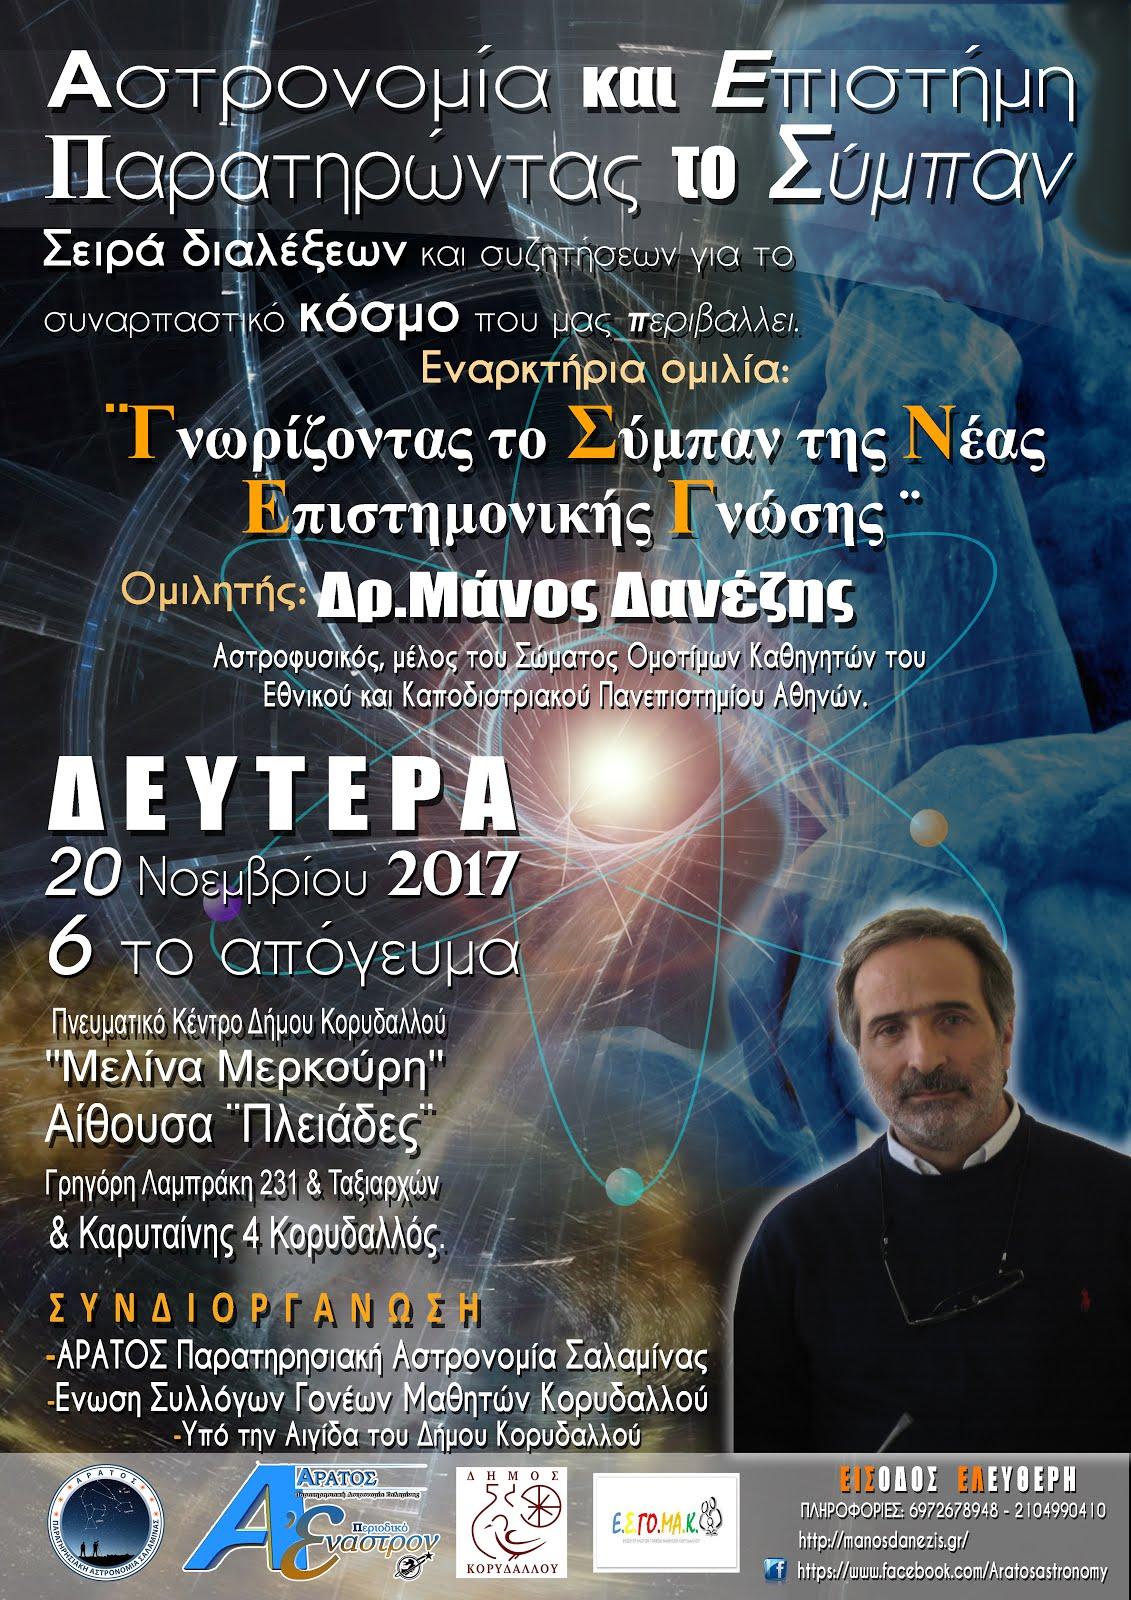 «Γνωρίζοντας το Σύμπαν της Νέας Επιστημονικής Γνώσης»